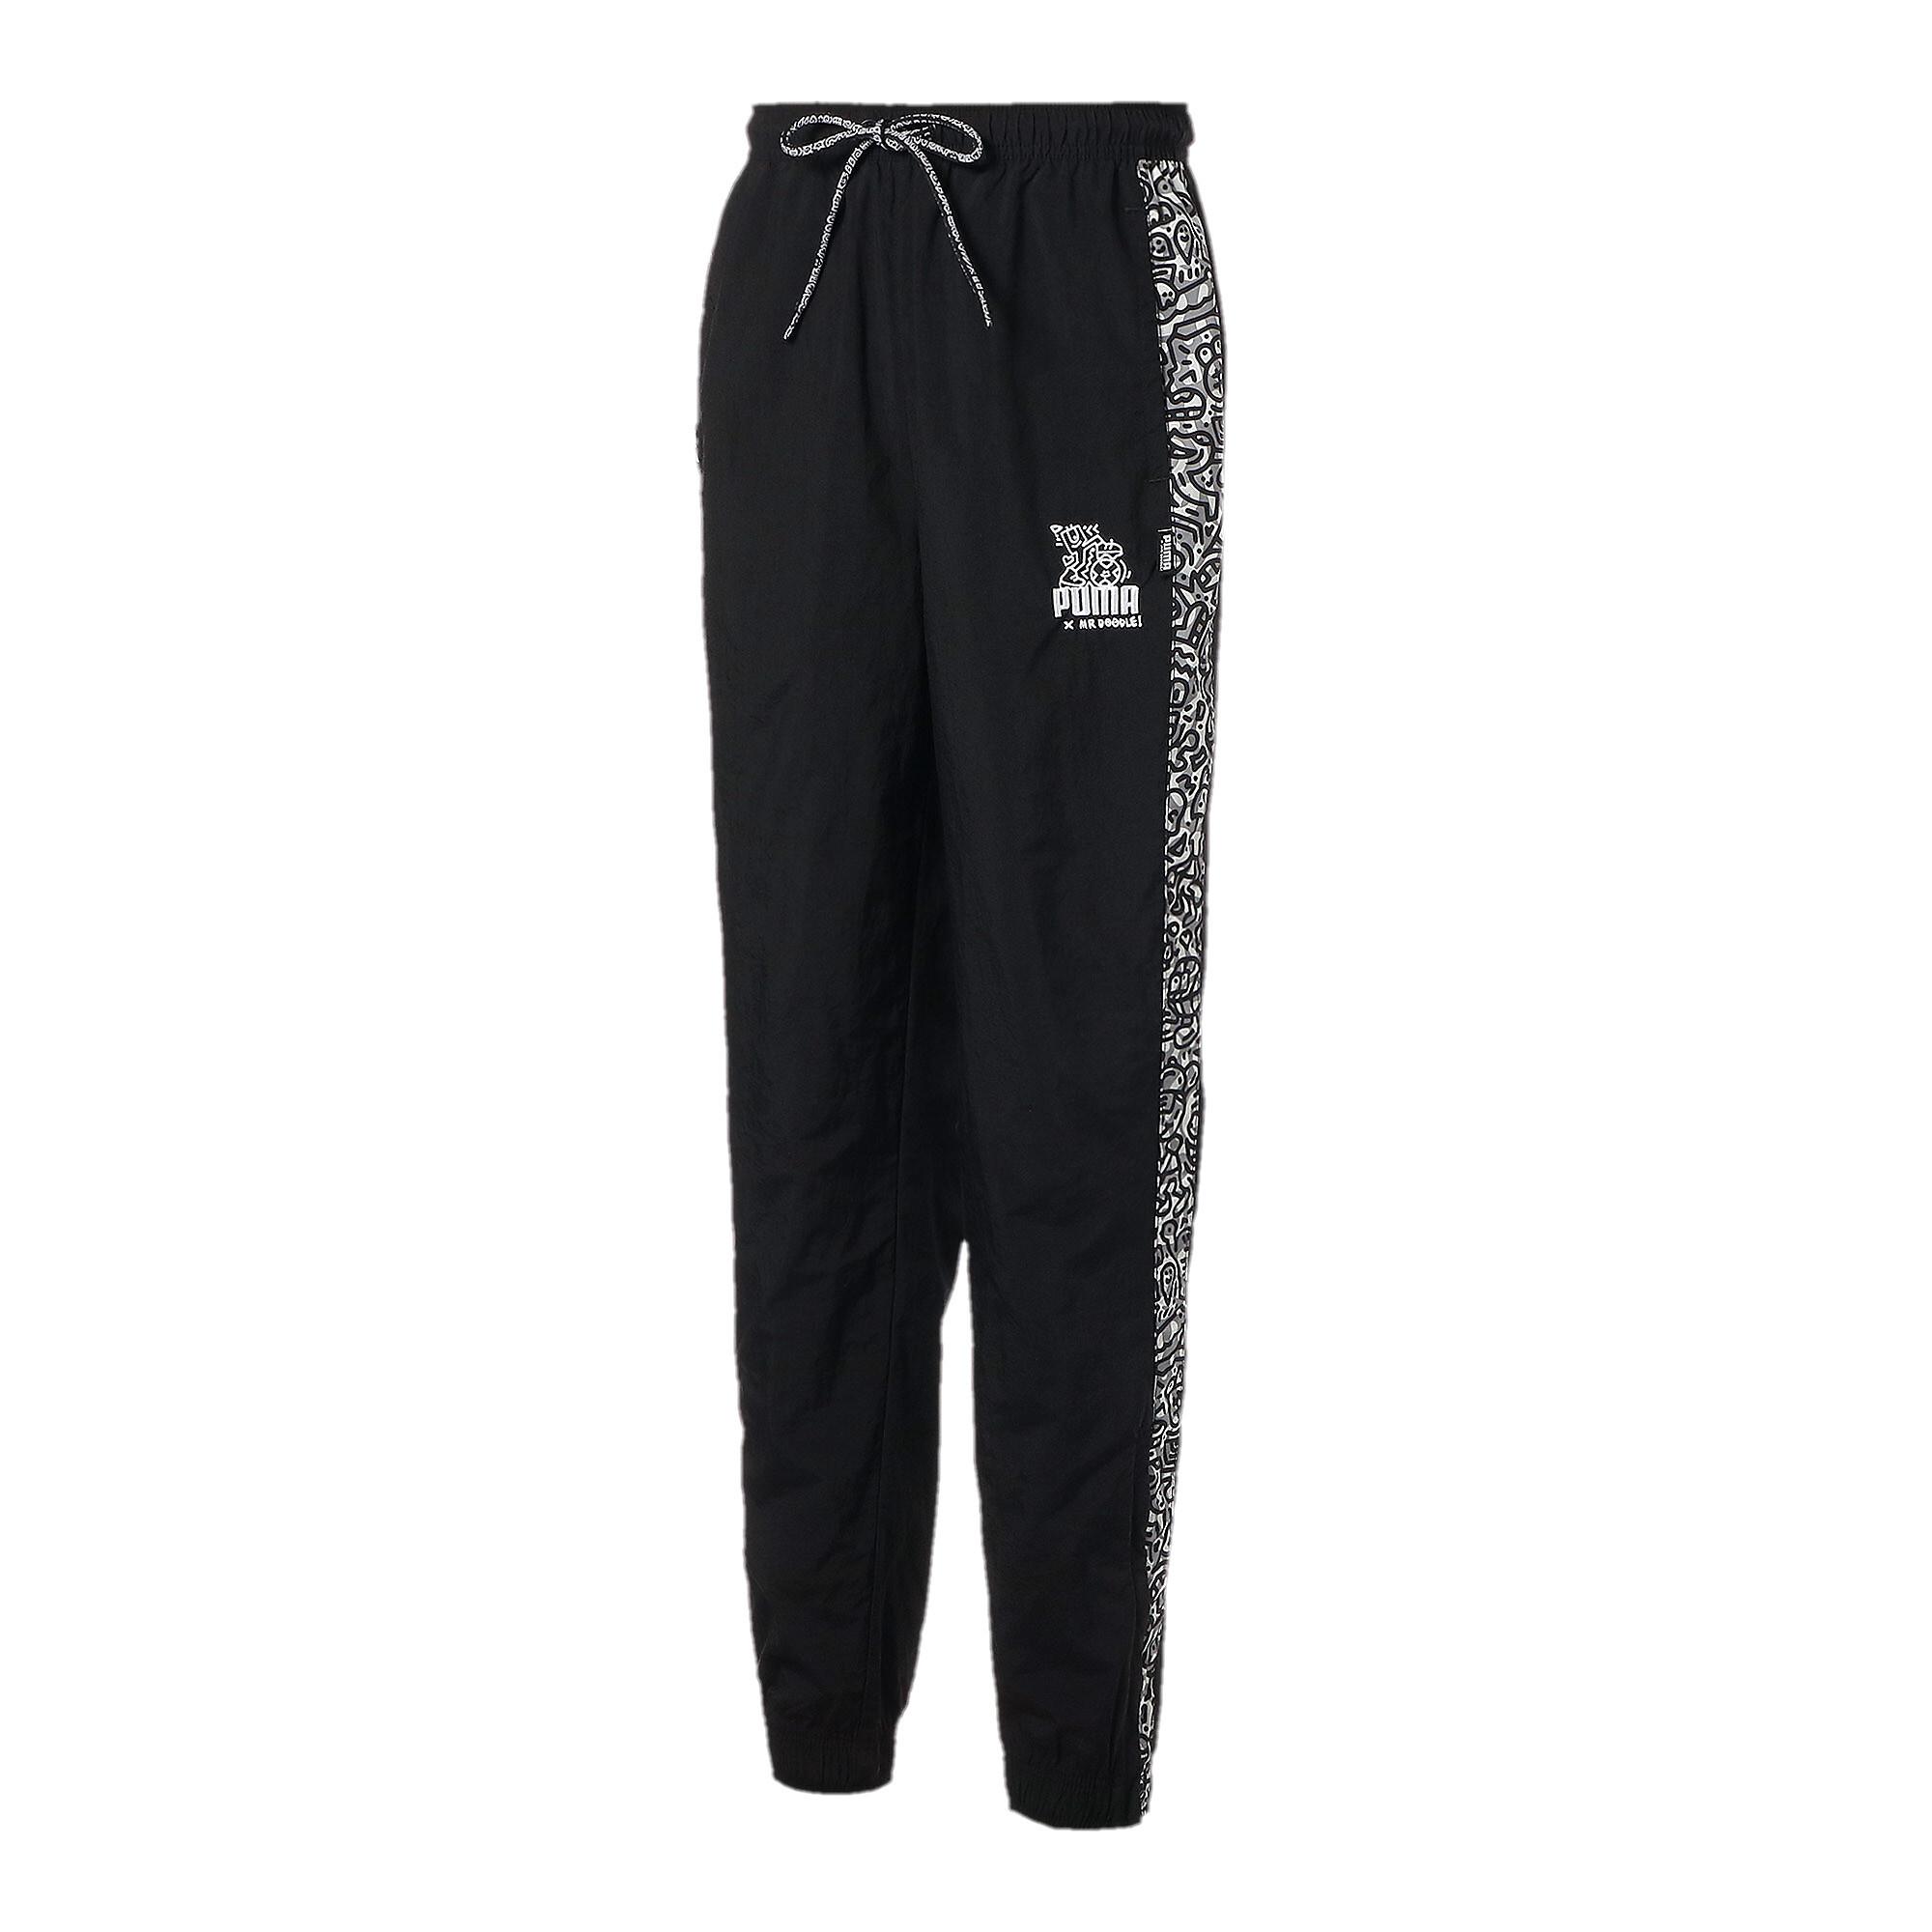 【プーマ公式通販】 プーマ PUMA x MR DOODLE パンツ メンズ Puma Black  PUMA.com